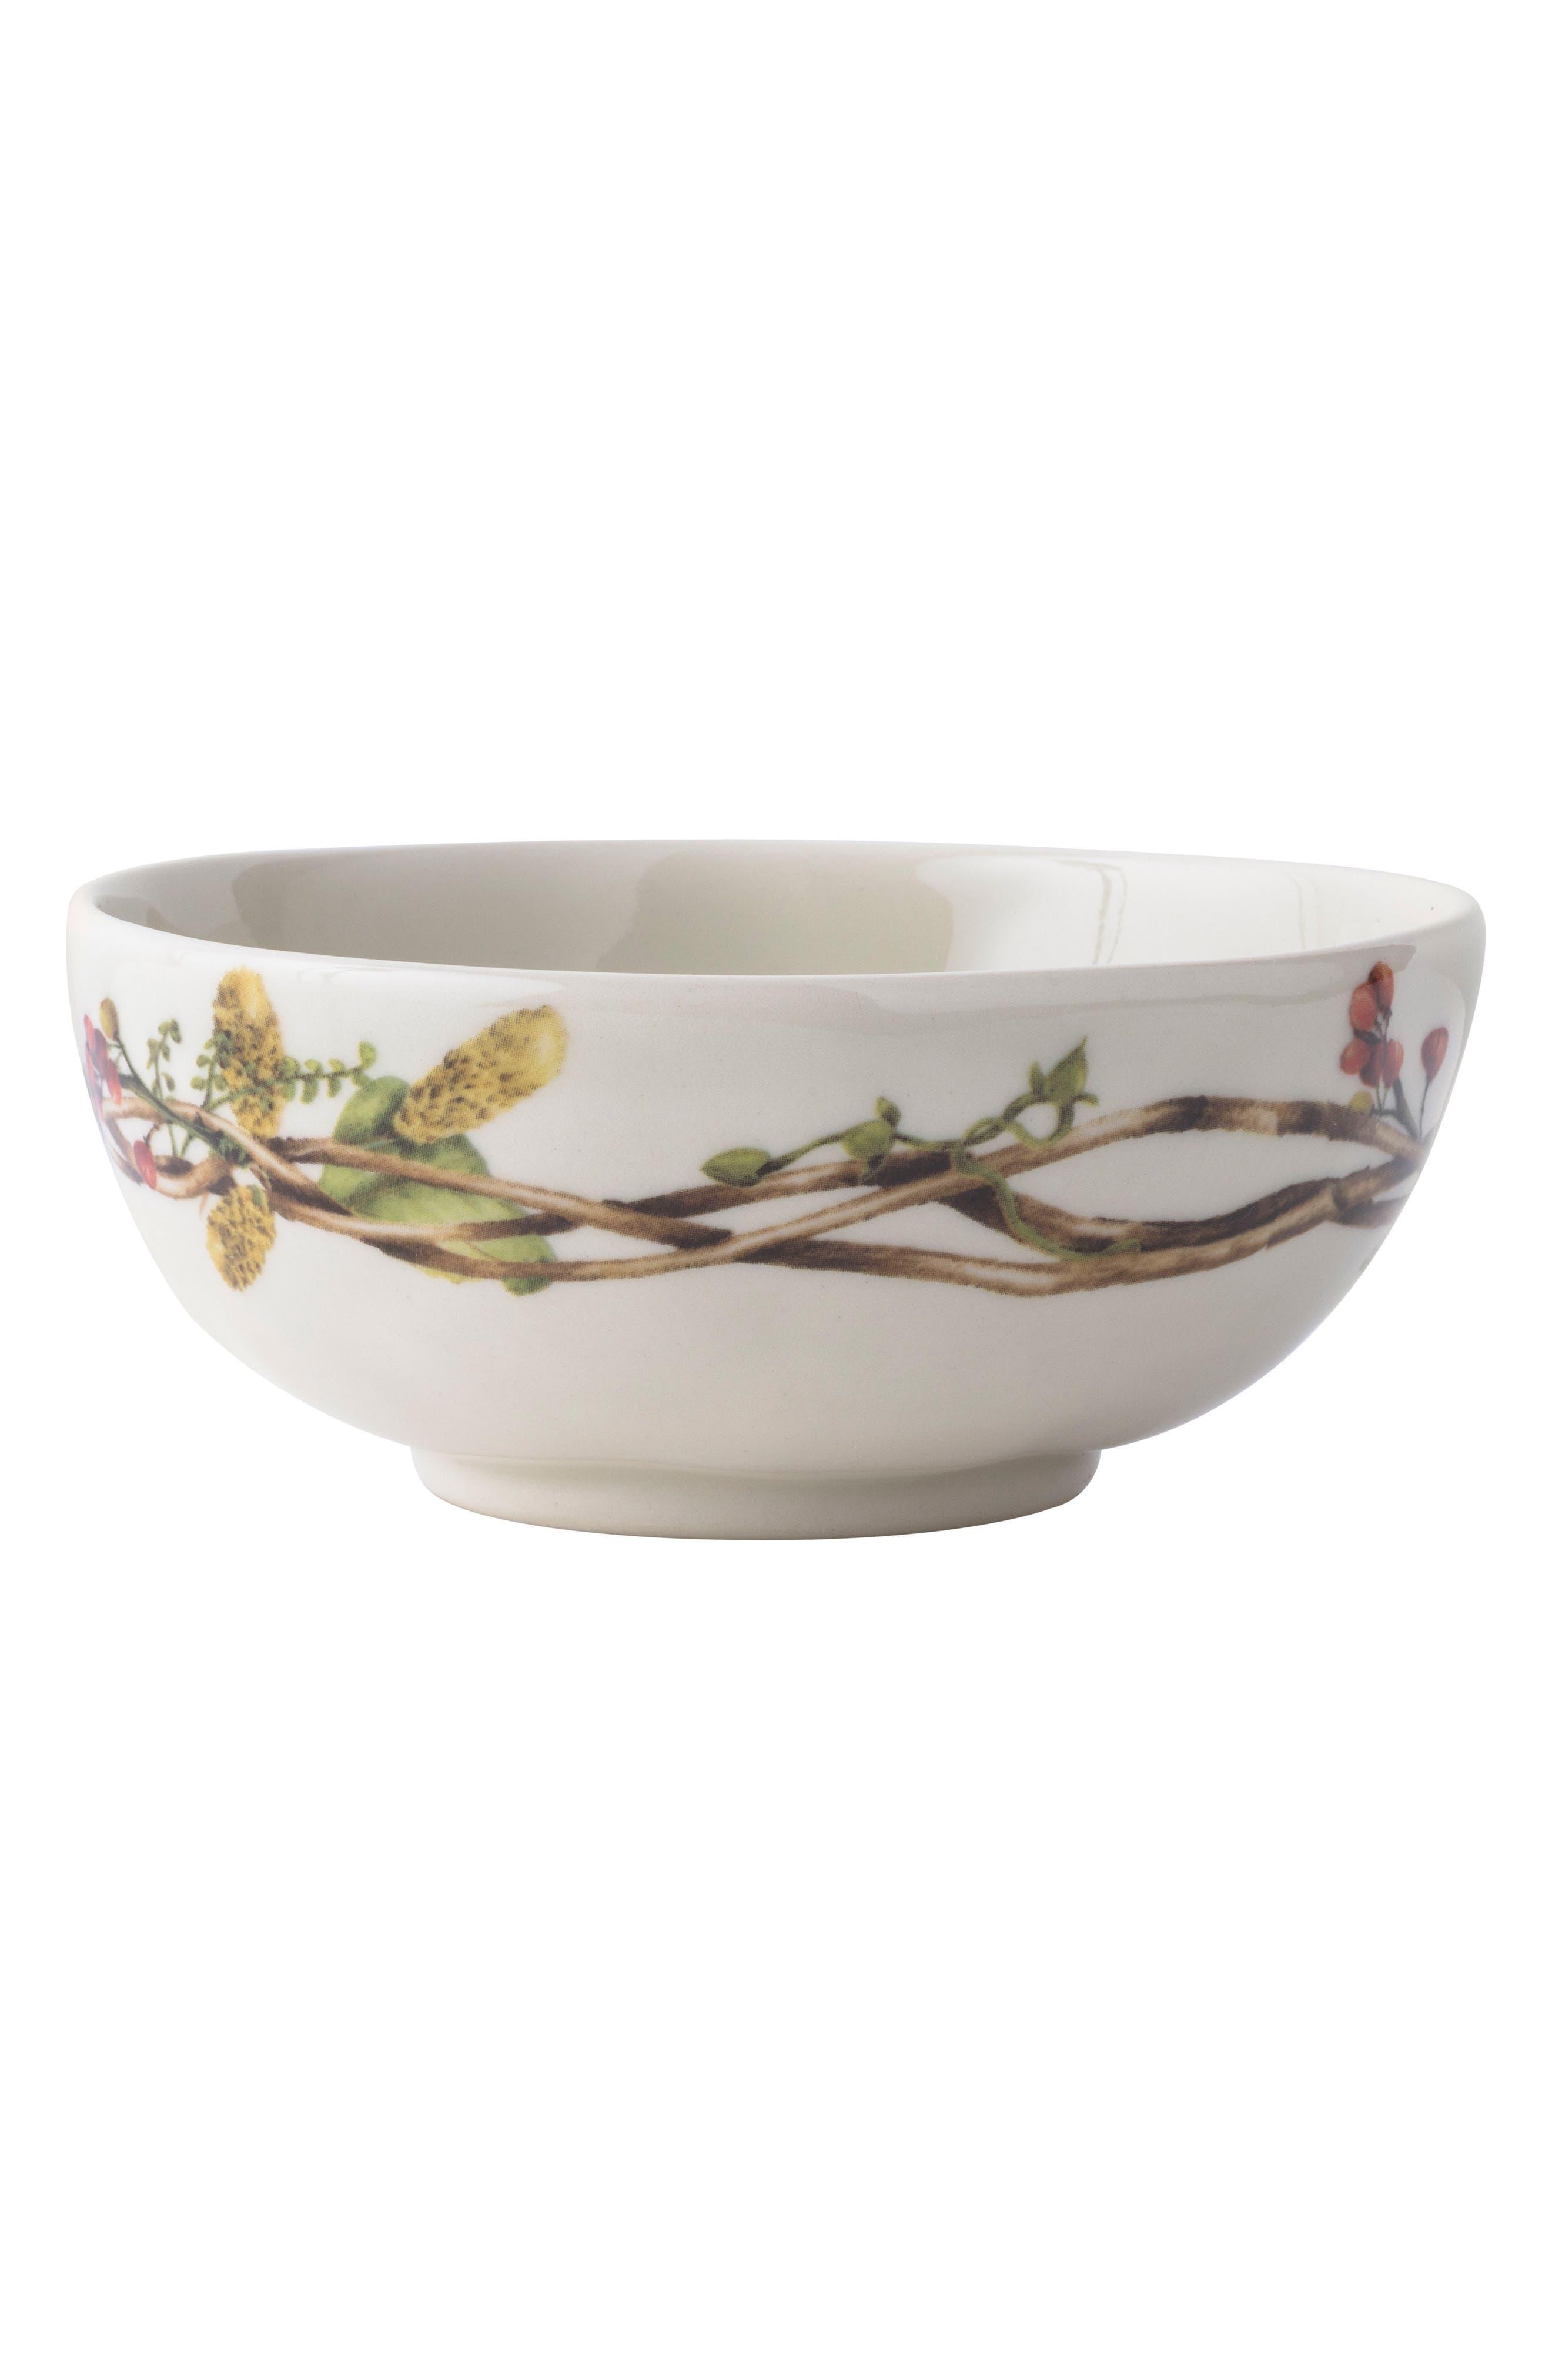 Forest Walk Berry Stoneware Bowl,                             Main thumbnail 1, color,                             CAF AU LAIT